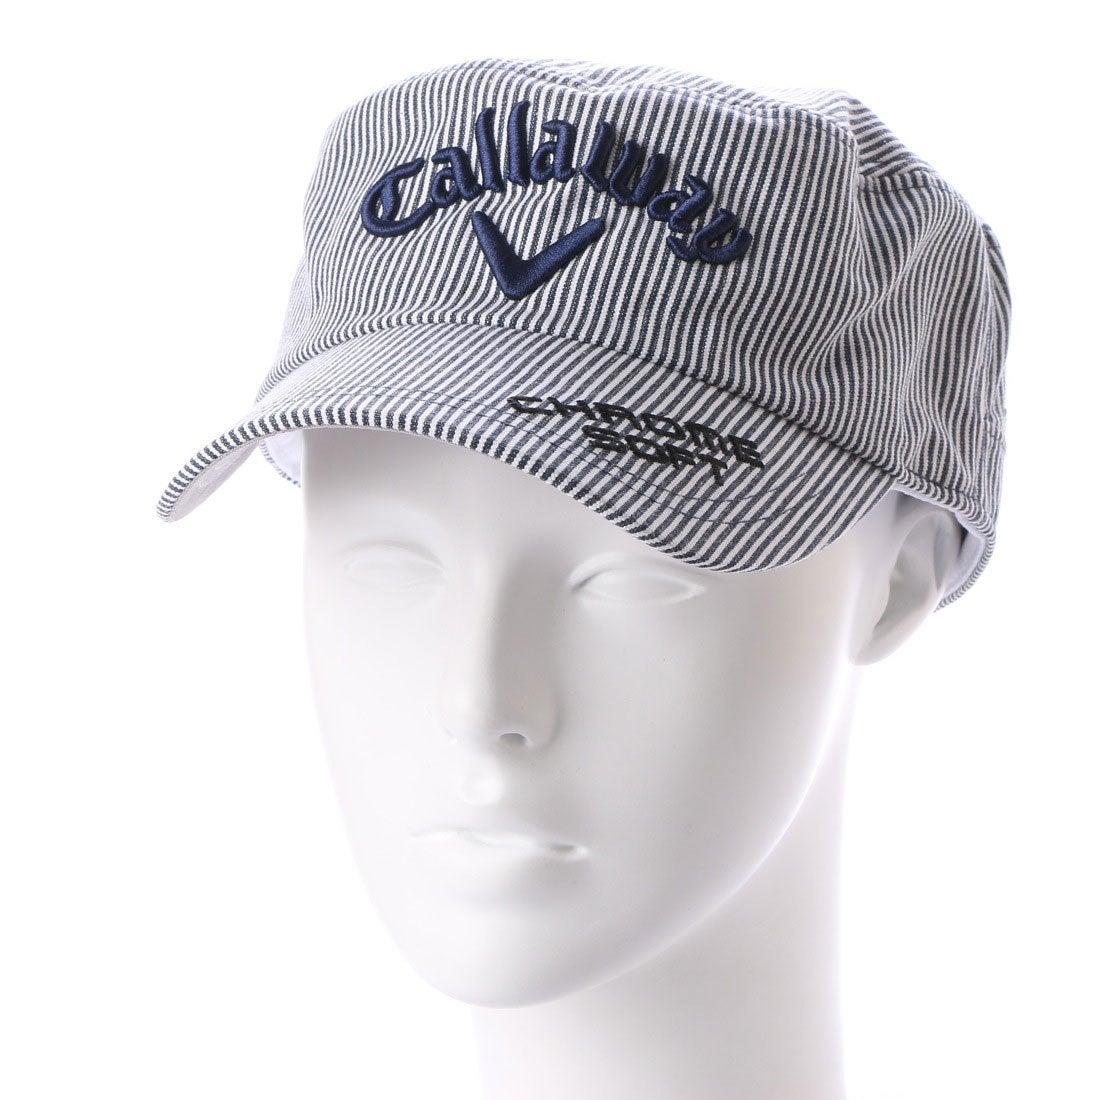 キャロウェイ Callaway メンズ ゴルフ ワークキャップ CallawayTourWorkCap17JM 7984504 メンズ